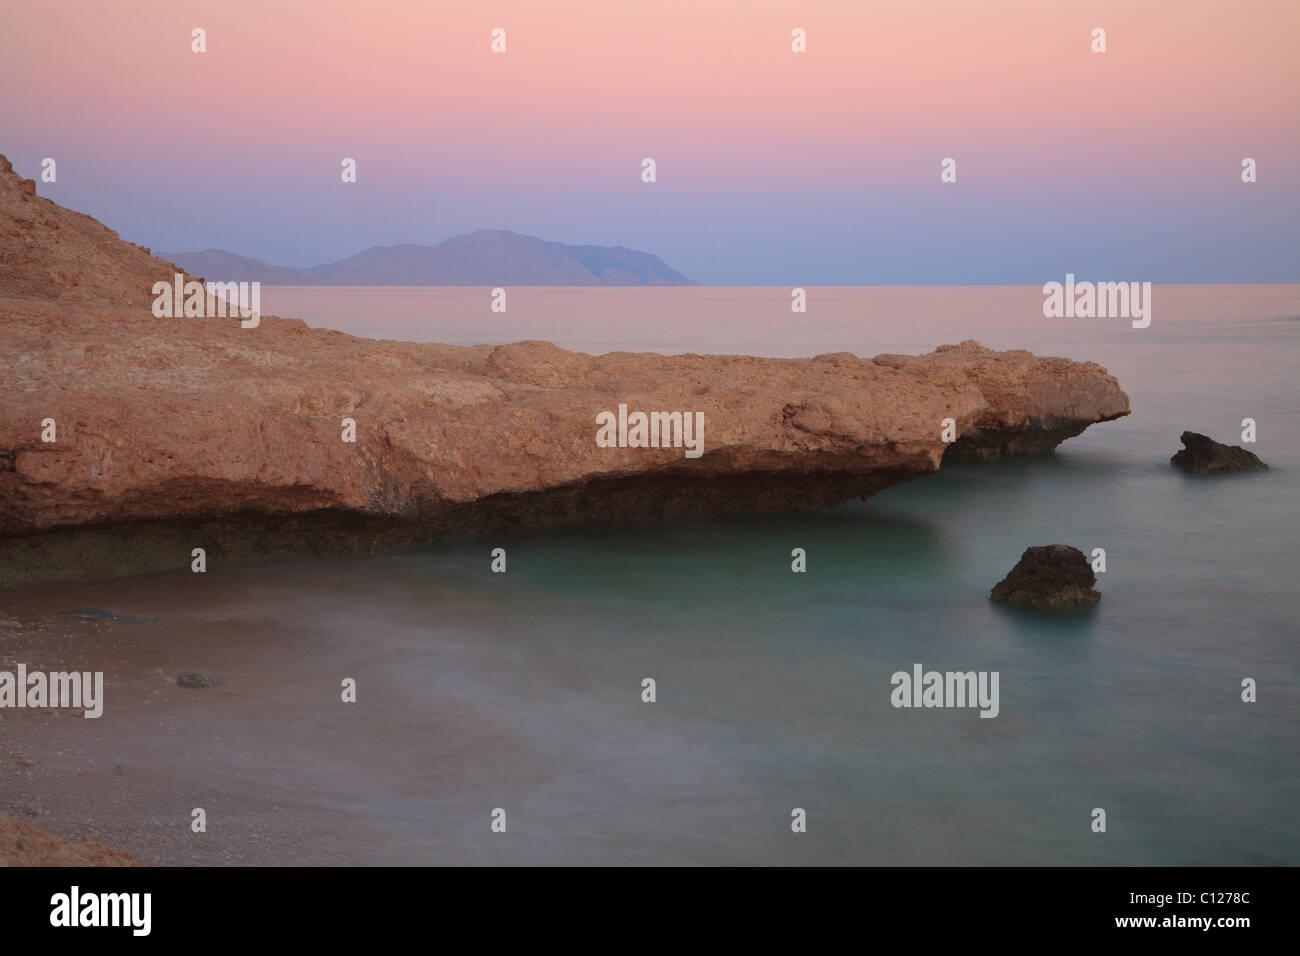 Sonnenuntergang am Roten Meer in Ägypten Stockbild